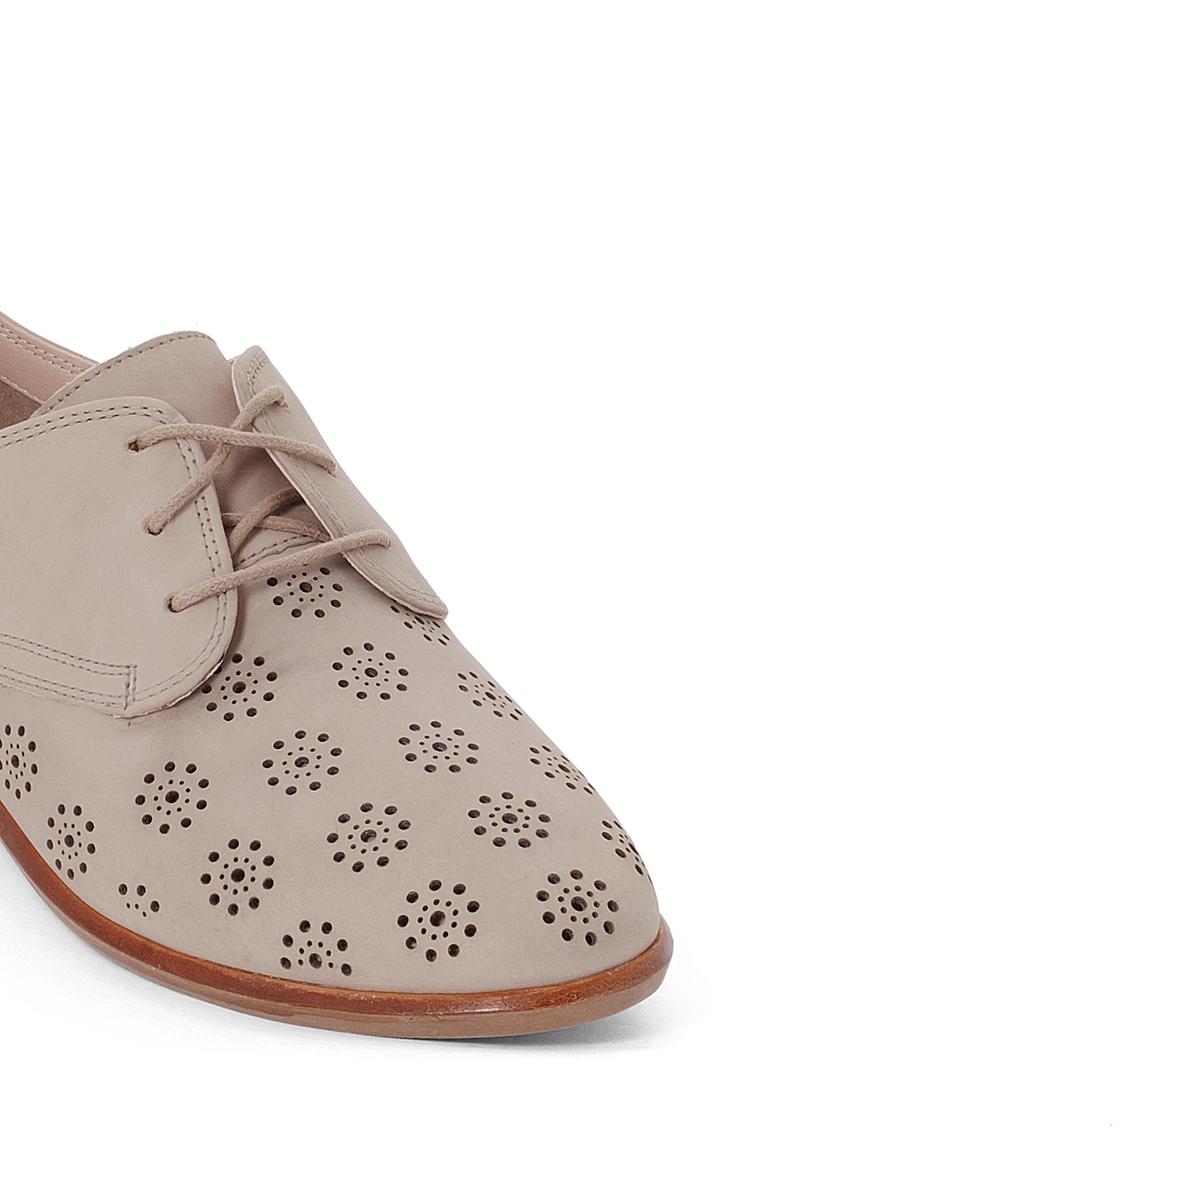 Ботинки-дерби кожаные Alania PoseyВерх : Кожа (нубук)Подкладка : Кожа.   Стелька : Кожа.   Подошва : Каучук   Высота каблука : 2 см.   Форма каблука : плоский каблук   Мысок : закругленный   Застежка : Шнуровка<br><br>Цвет: серый